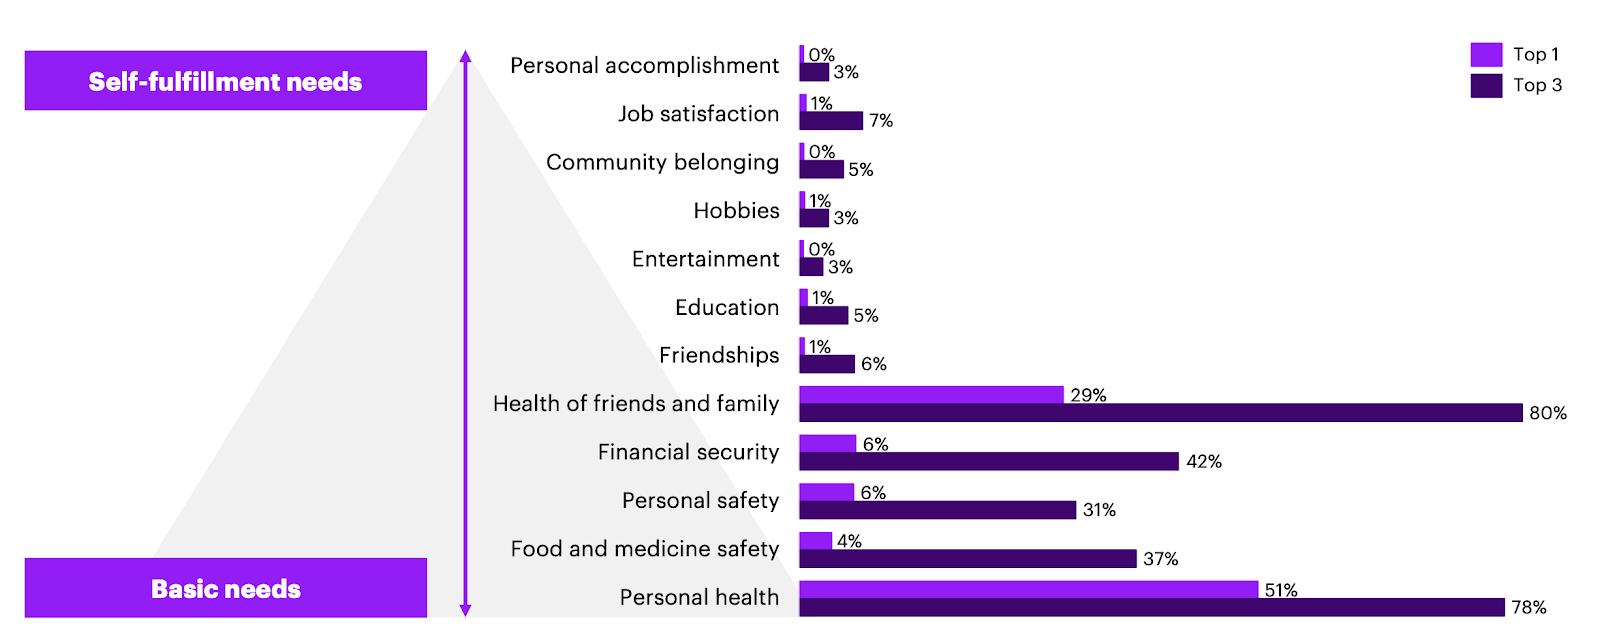 Люди больше всего беспокоятся о личном здоровье, еде, безопасности, финансовой стабильности и здоровье семьи и близких